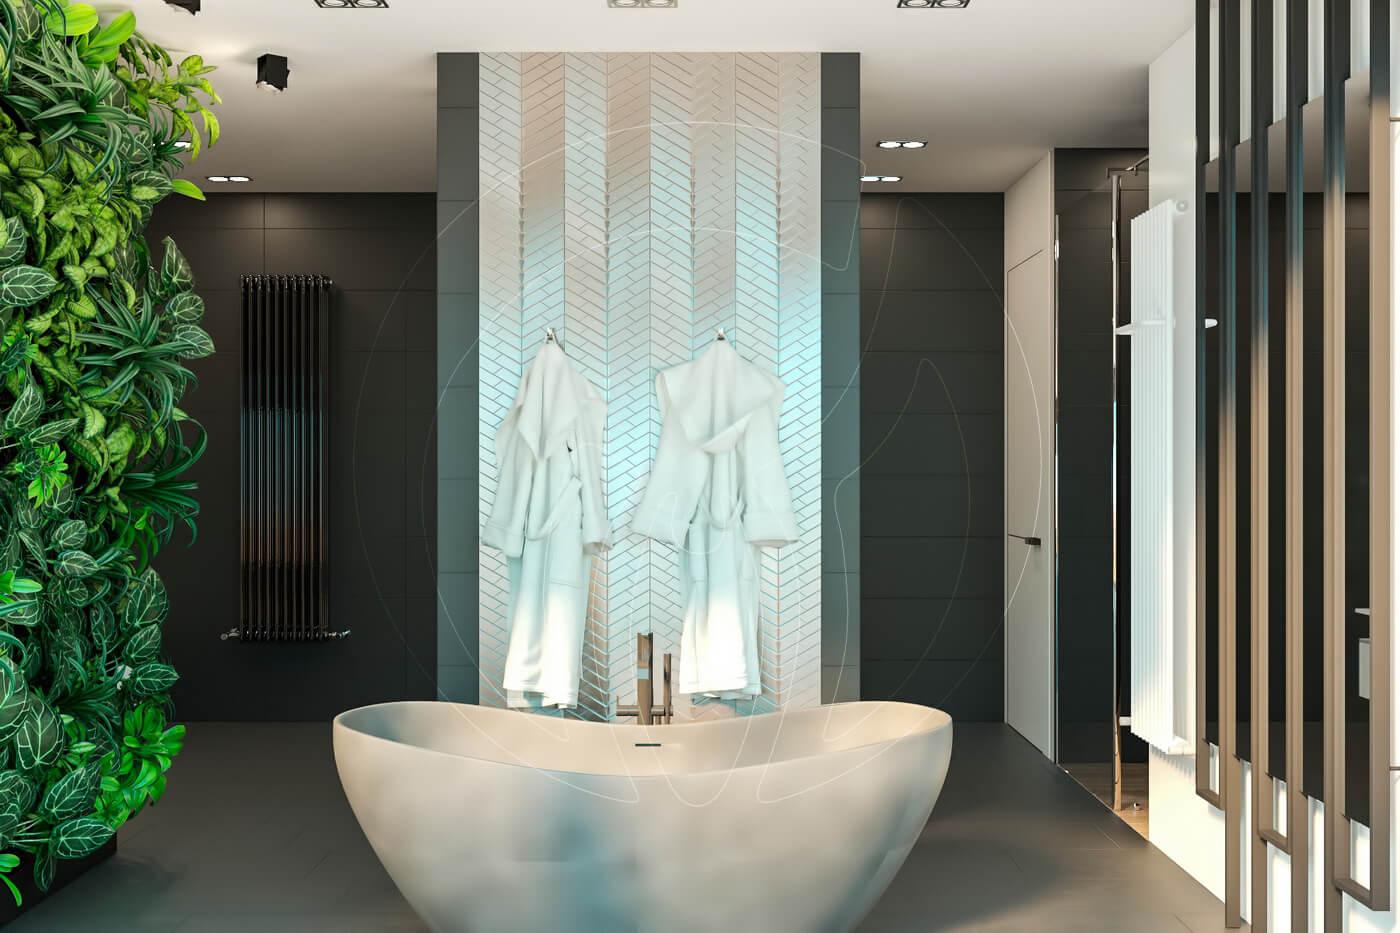 Загородный дом в современном стиле. Ванная комната. Ванна. Зонирование